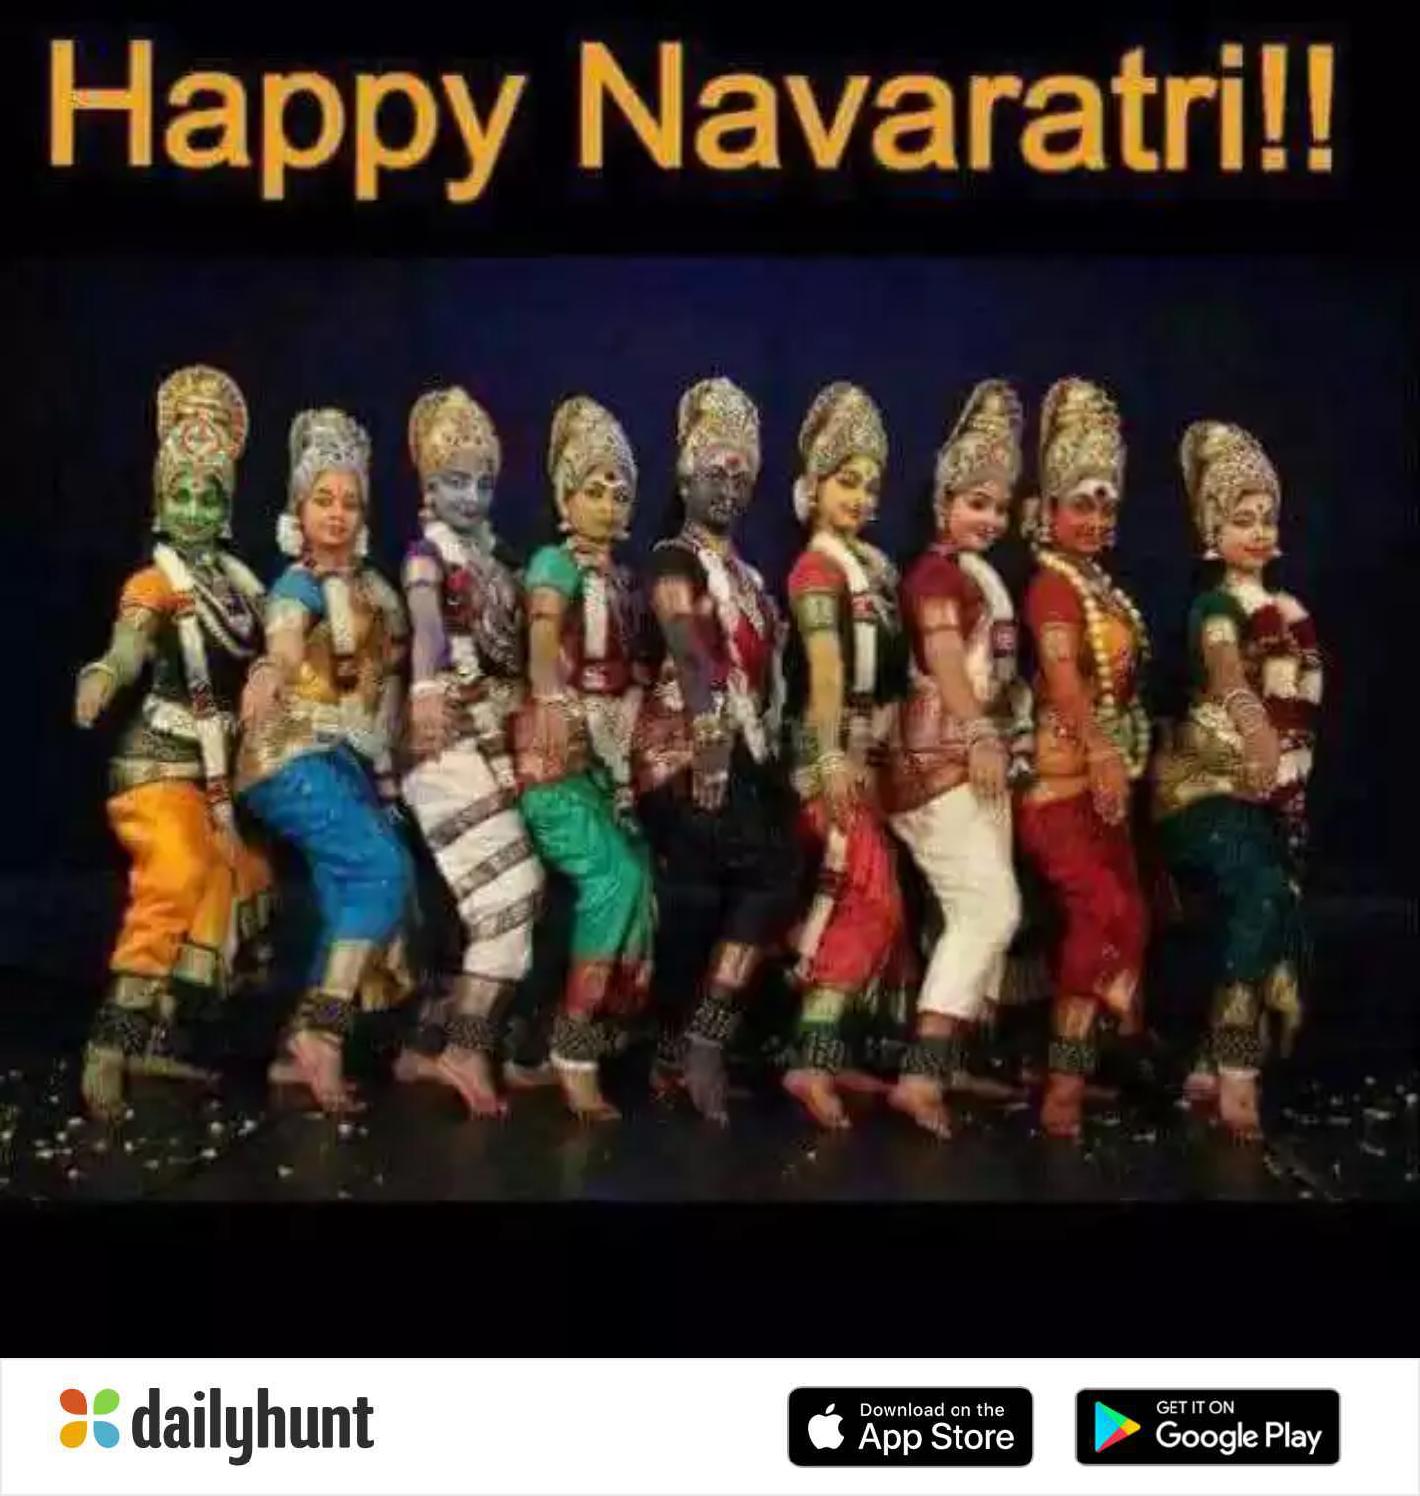 🔱ಶಕ್ತಿ ದೇವತೆಗಳ ಹೆಸರು - Happy Navaratri ! ! GET IT ON % dailyhunt Download on the App Store Google Play - ShareChat